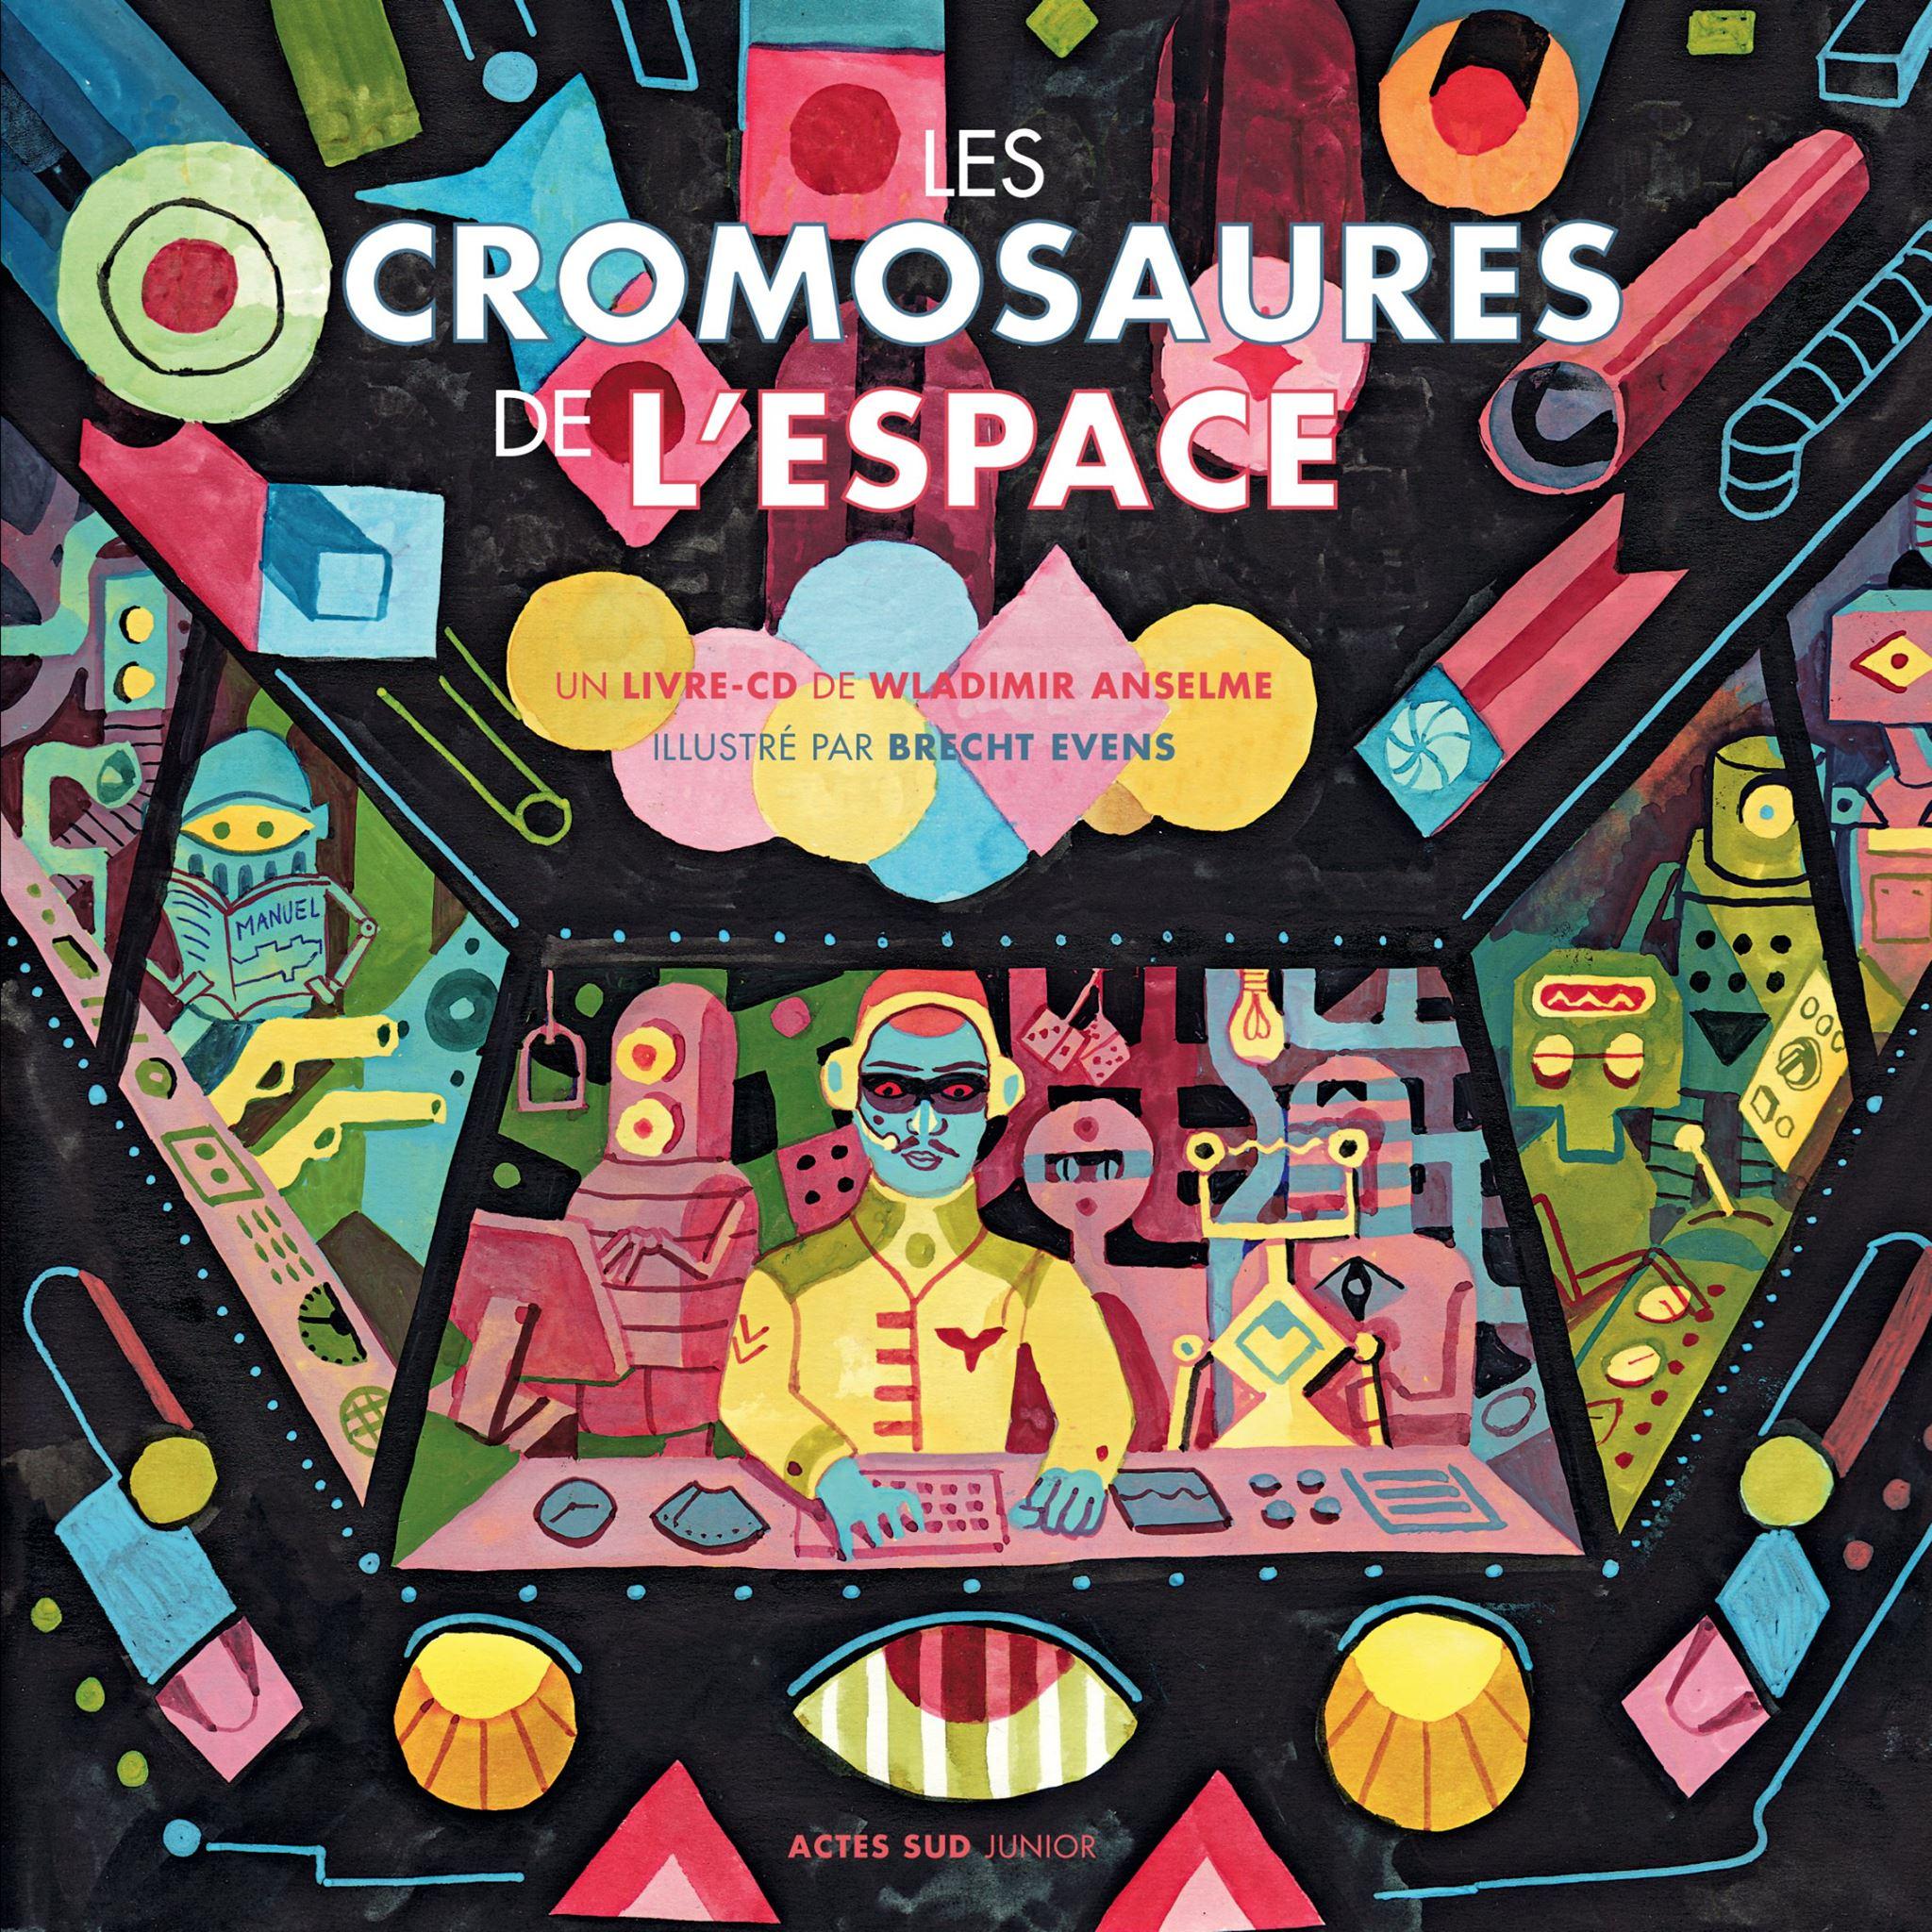 Wladimir Anselme - Les Cromosaures de l'Espace